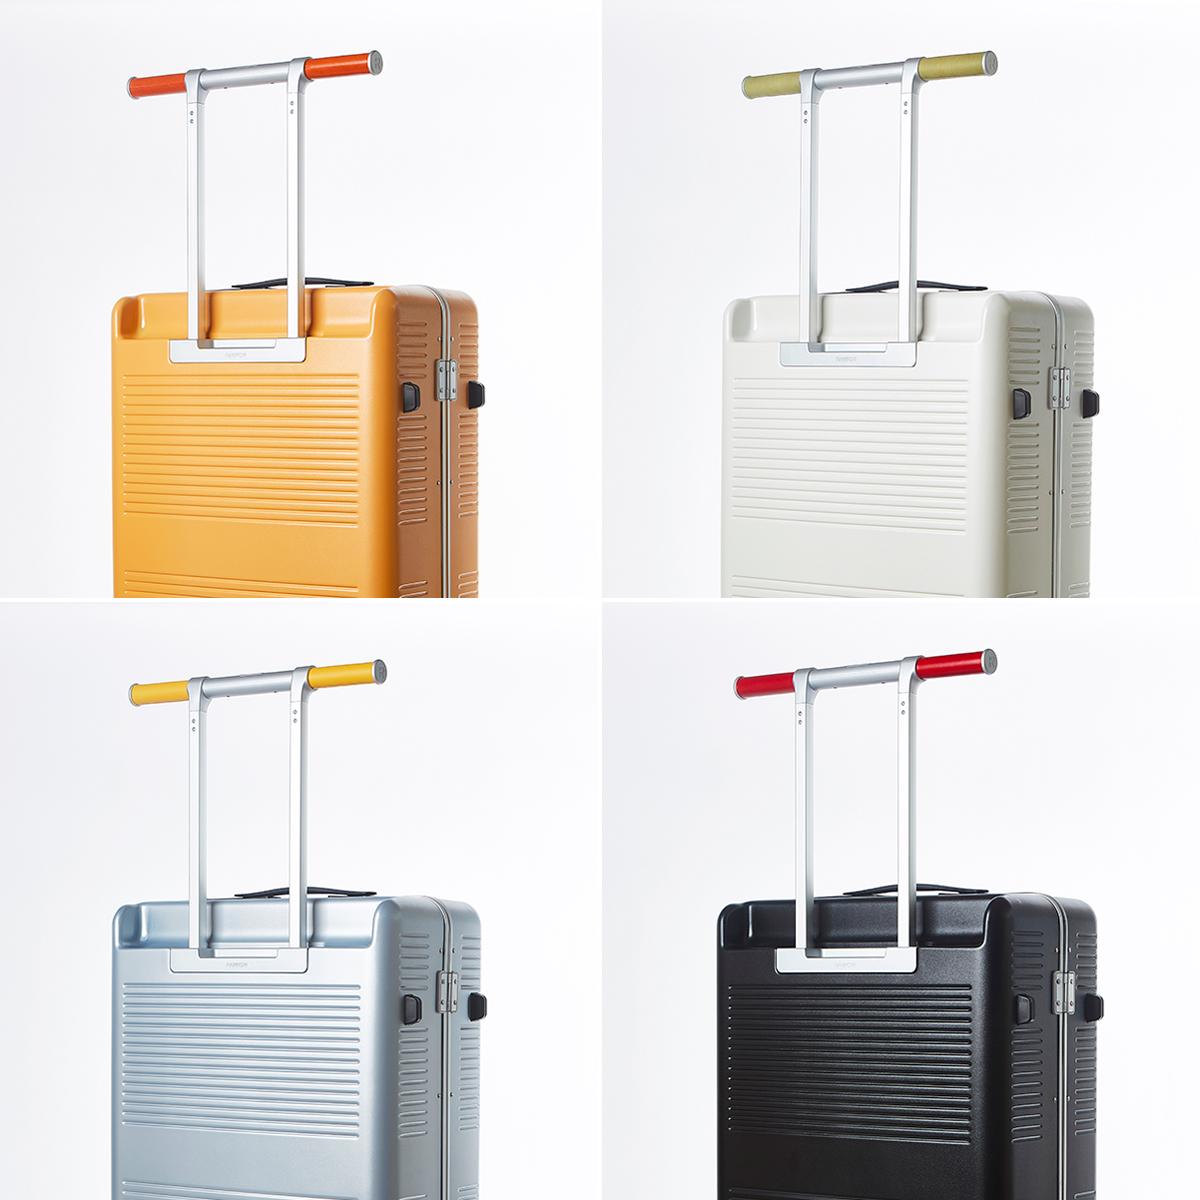 オプションのレザーハンドルをカスタマイズして、自分好みの配色にできるスーツケース|RAWROW